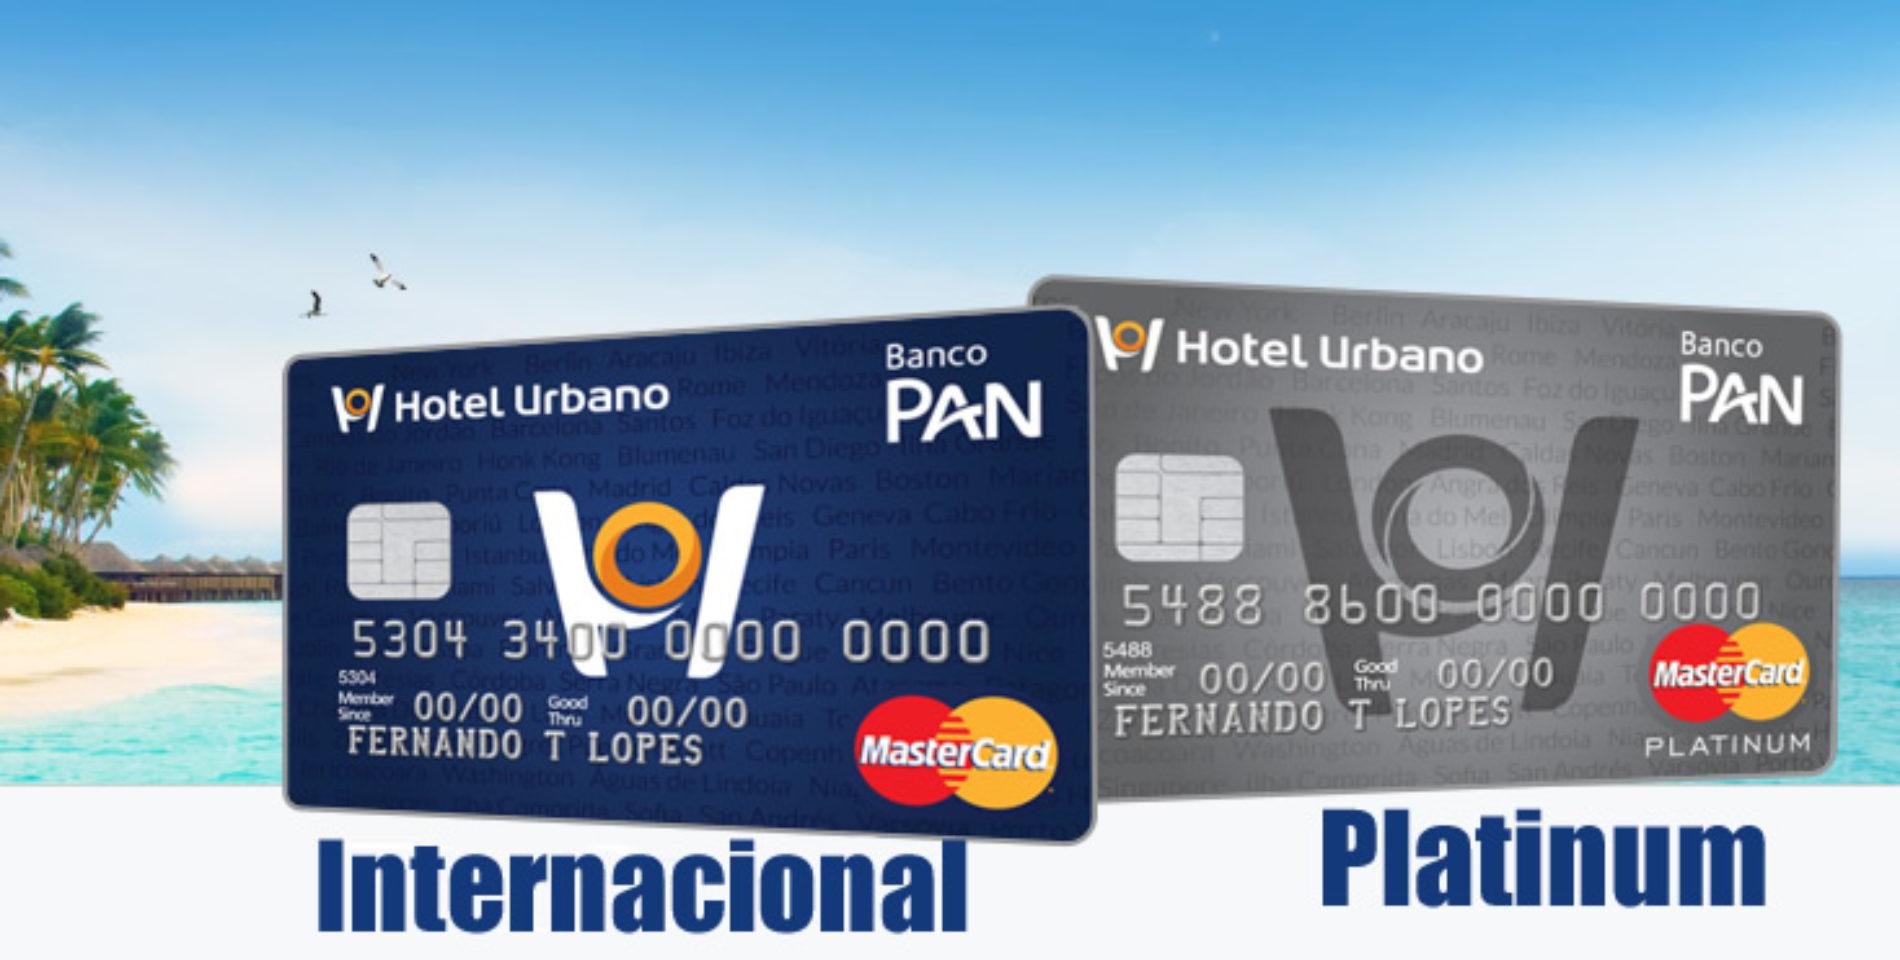 Como fazer o cartão de crédito do HURB Hotel Urbano?